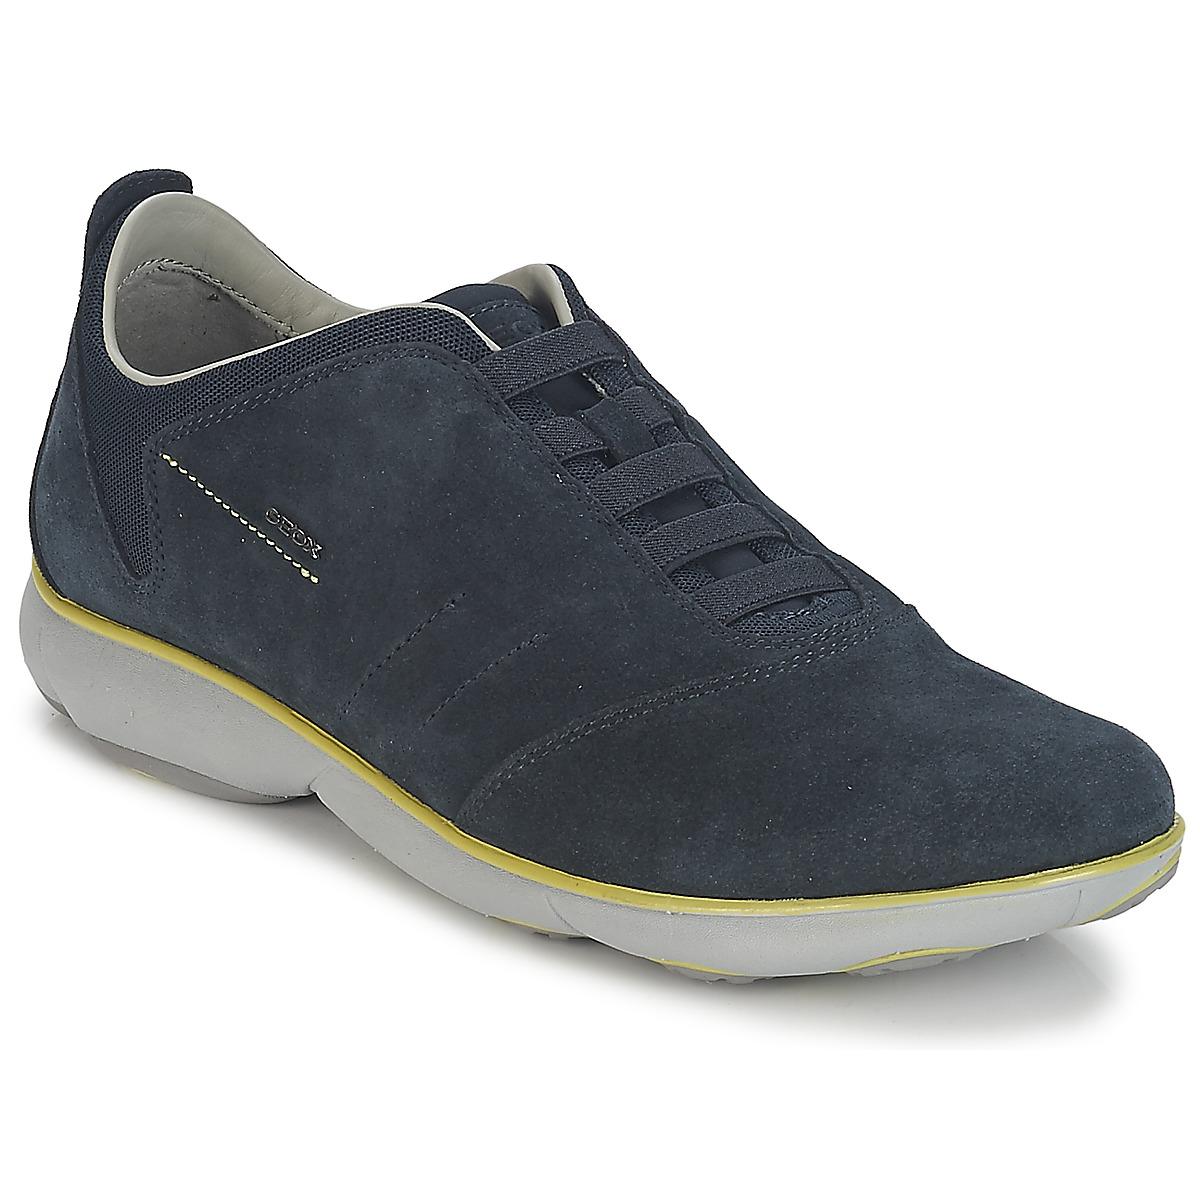 Geox NEBULA B Marine - Consegna gratuita con Spartoo.it ! - Scarpe Sneakers  basse Uomo 121 122efccf179